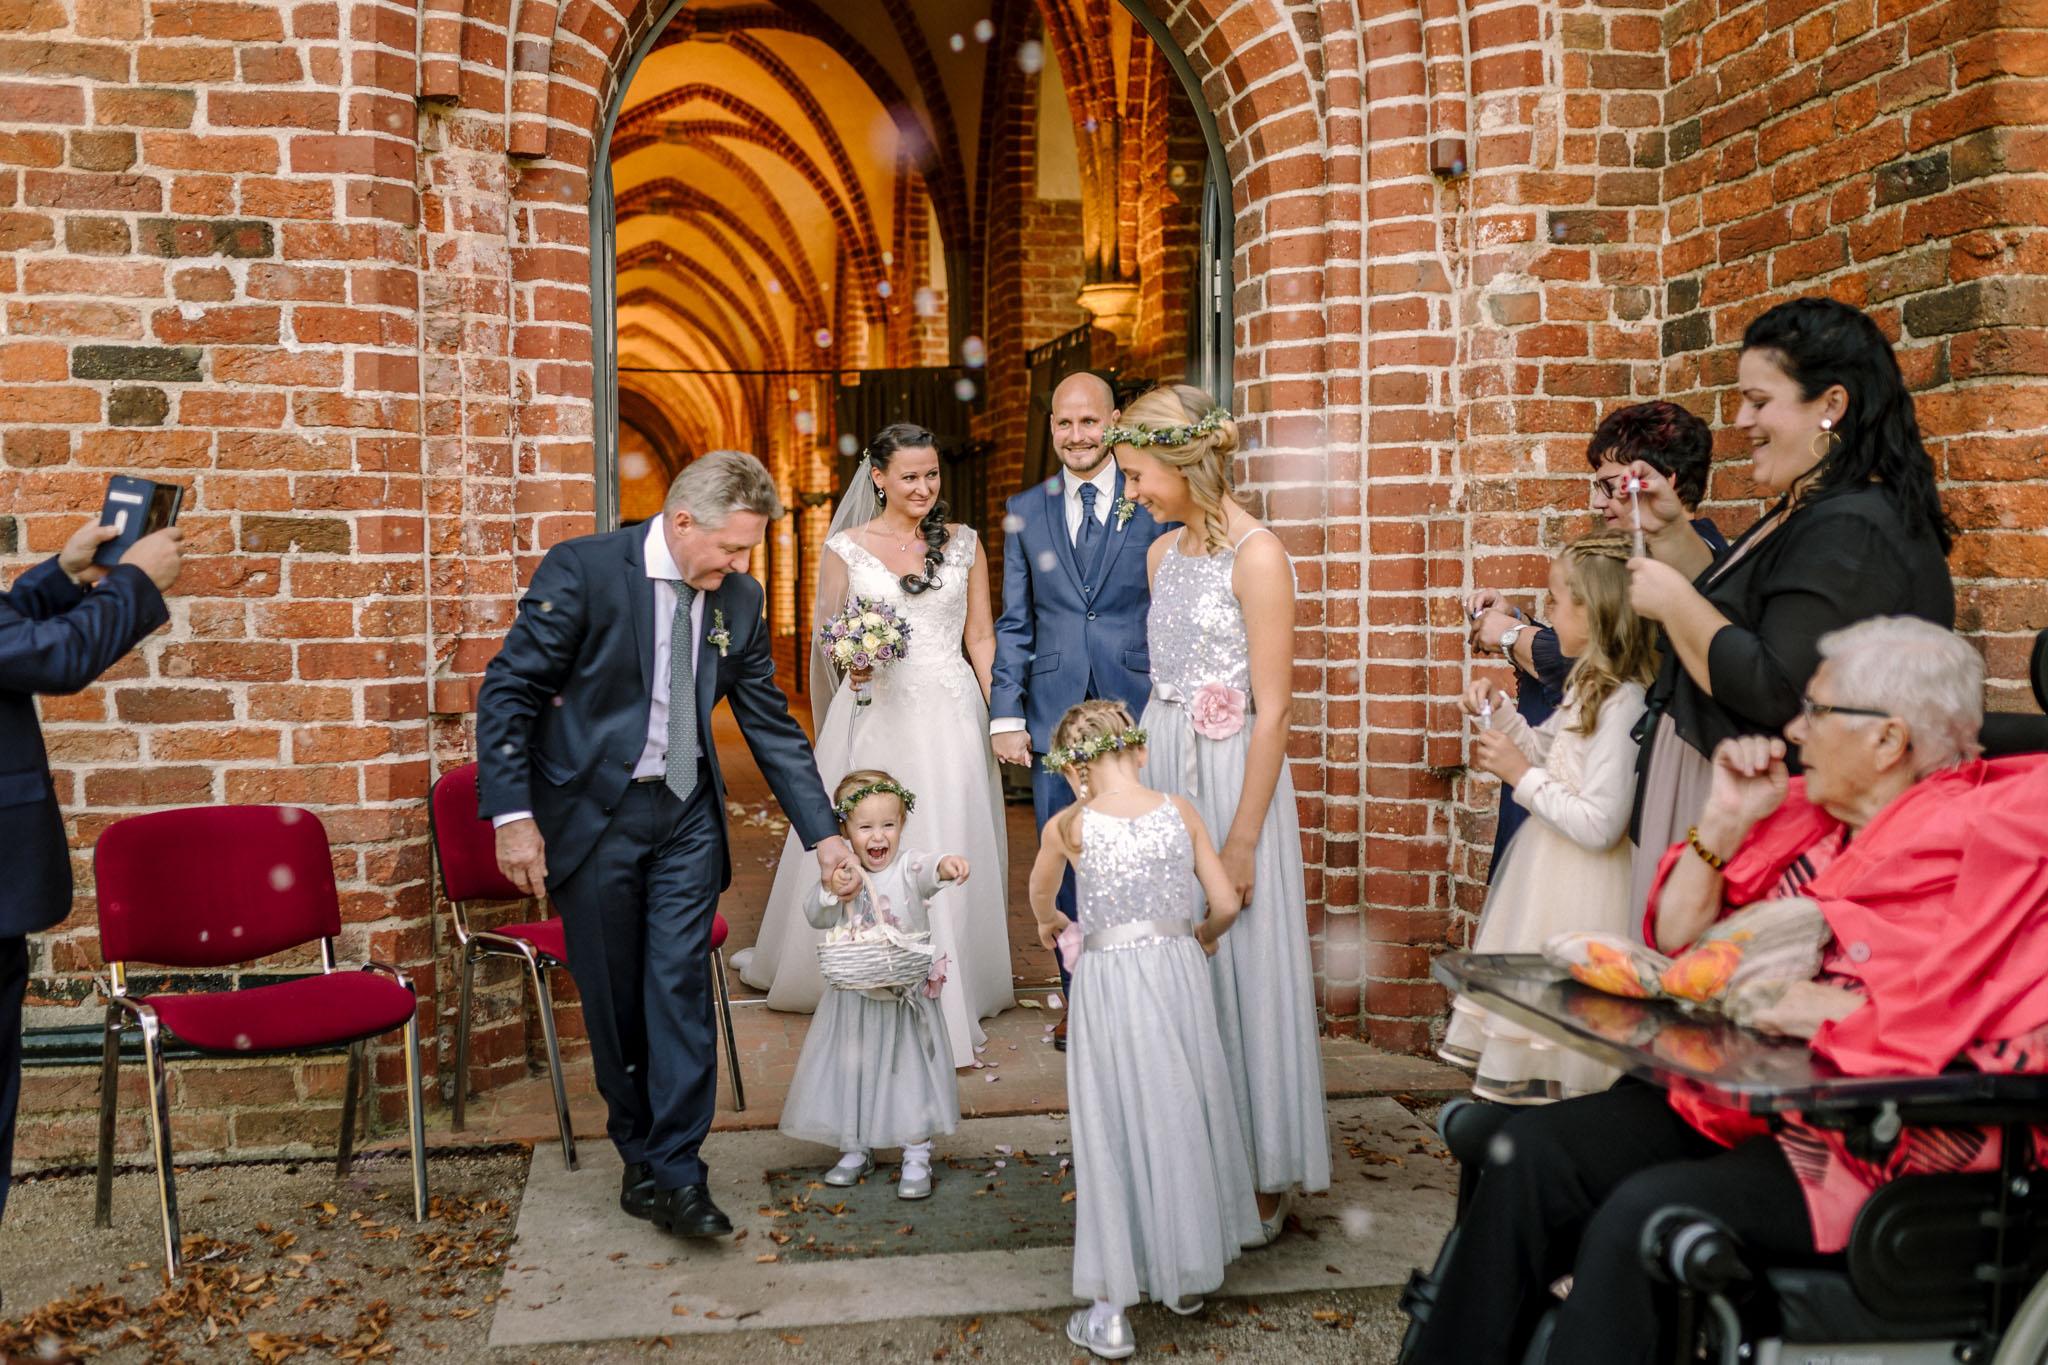 Hochzeitsfieber by Photo-Schomburg, Hochzeitsfotograf, Hamburg,Hochzeitstag, Hochzeitspaar, Braut, Bräutigam, Literaturhauscafe Zarrentin-53